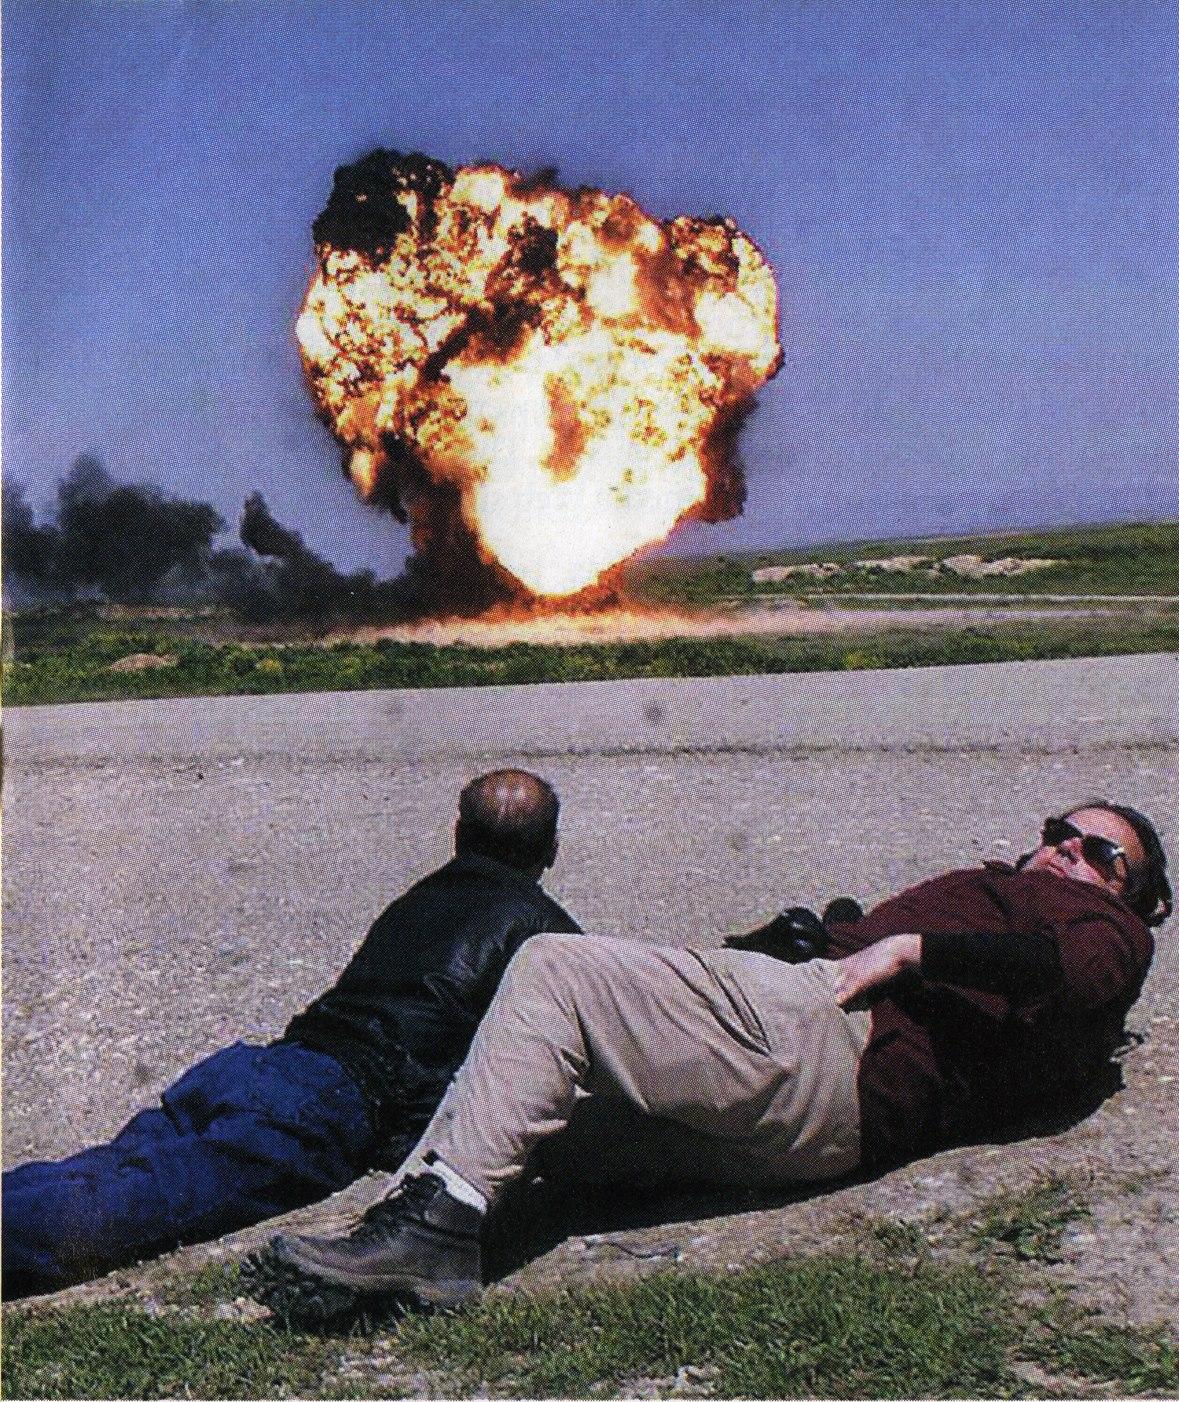 ahmad&meexplosion.jpg